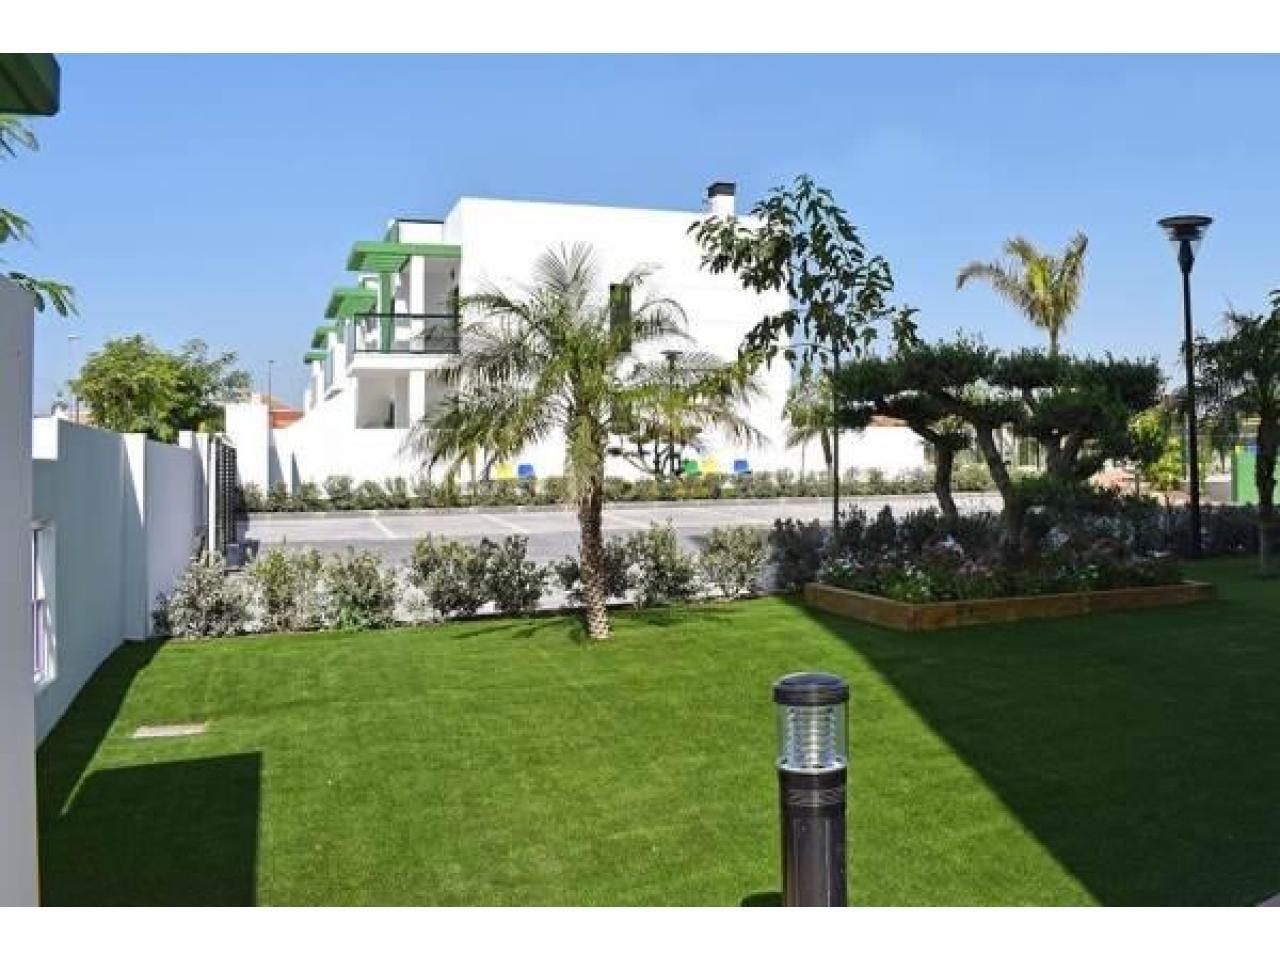 Недвижимость в Испании, Новые бунгало рядом с пляжем от застройщика в Миль Пальмерас - 4